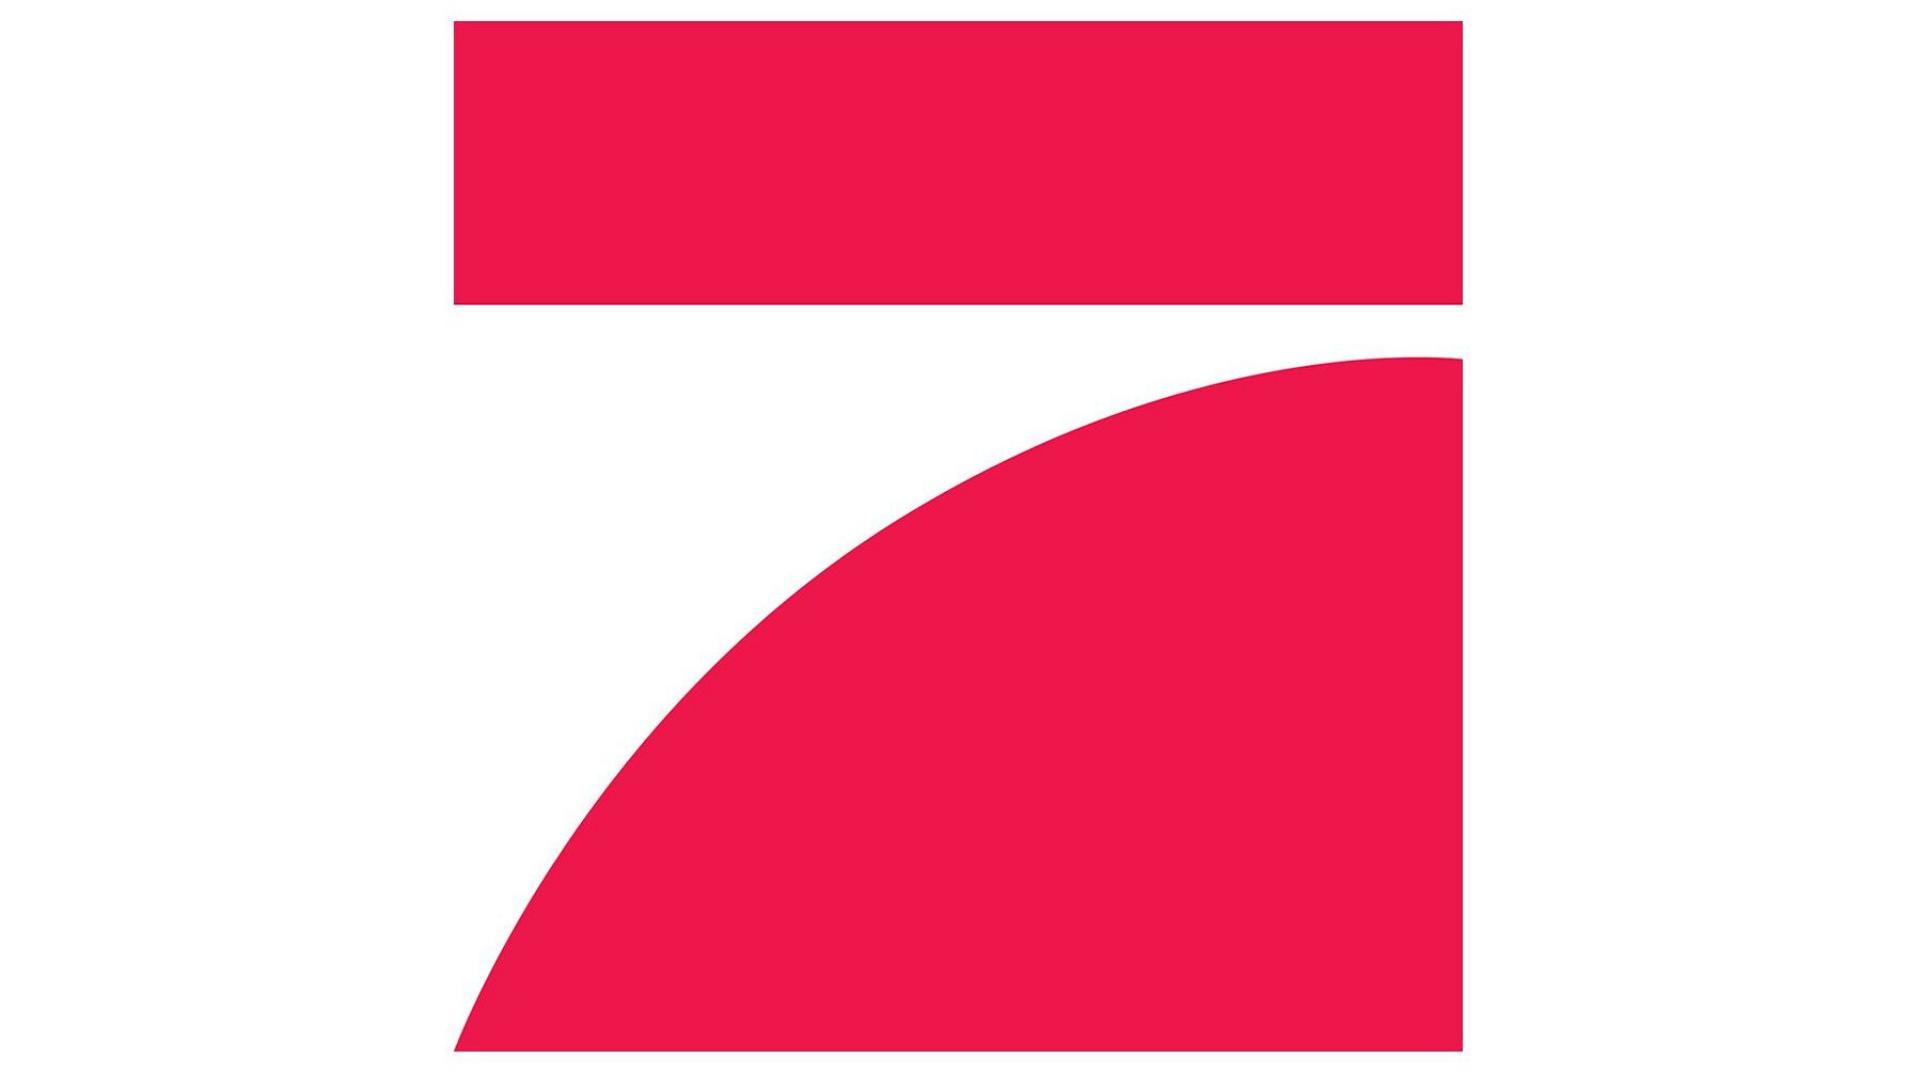 prosieben_logo